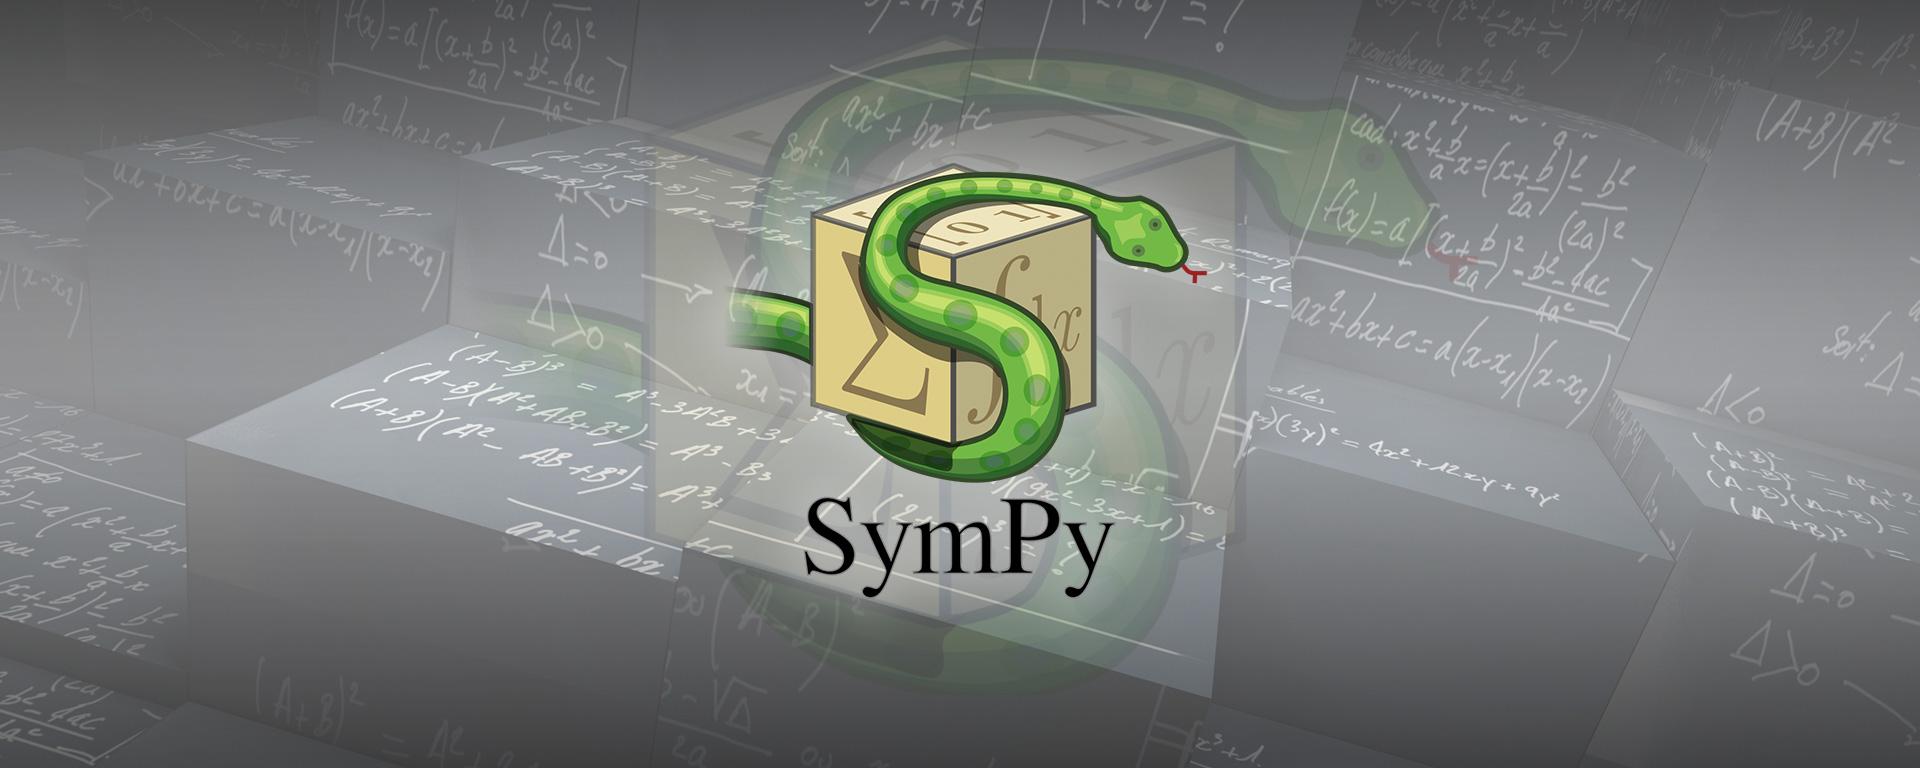 Sympyを使ってセンター試験の問題を解く&類似問題を生成する